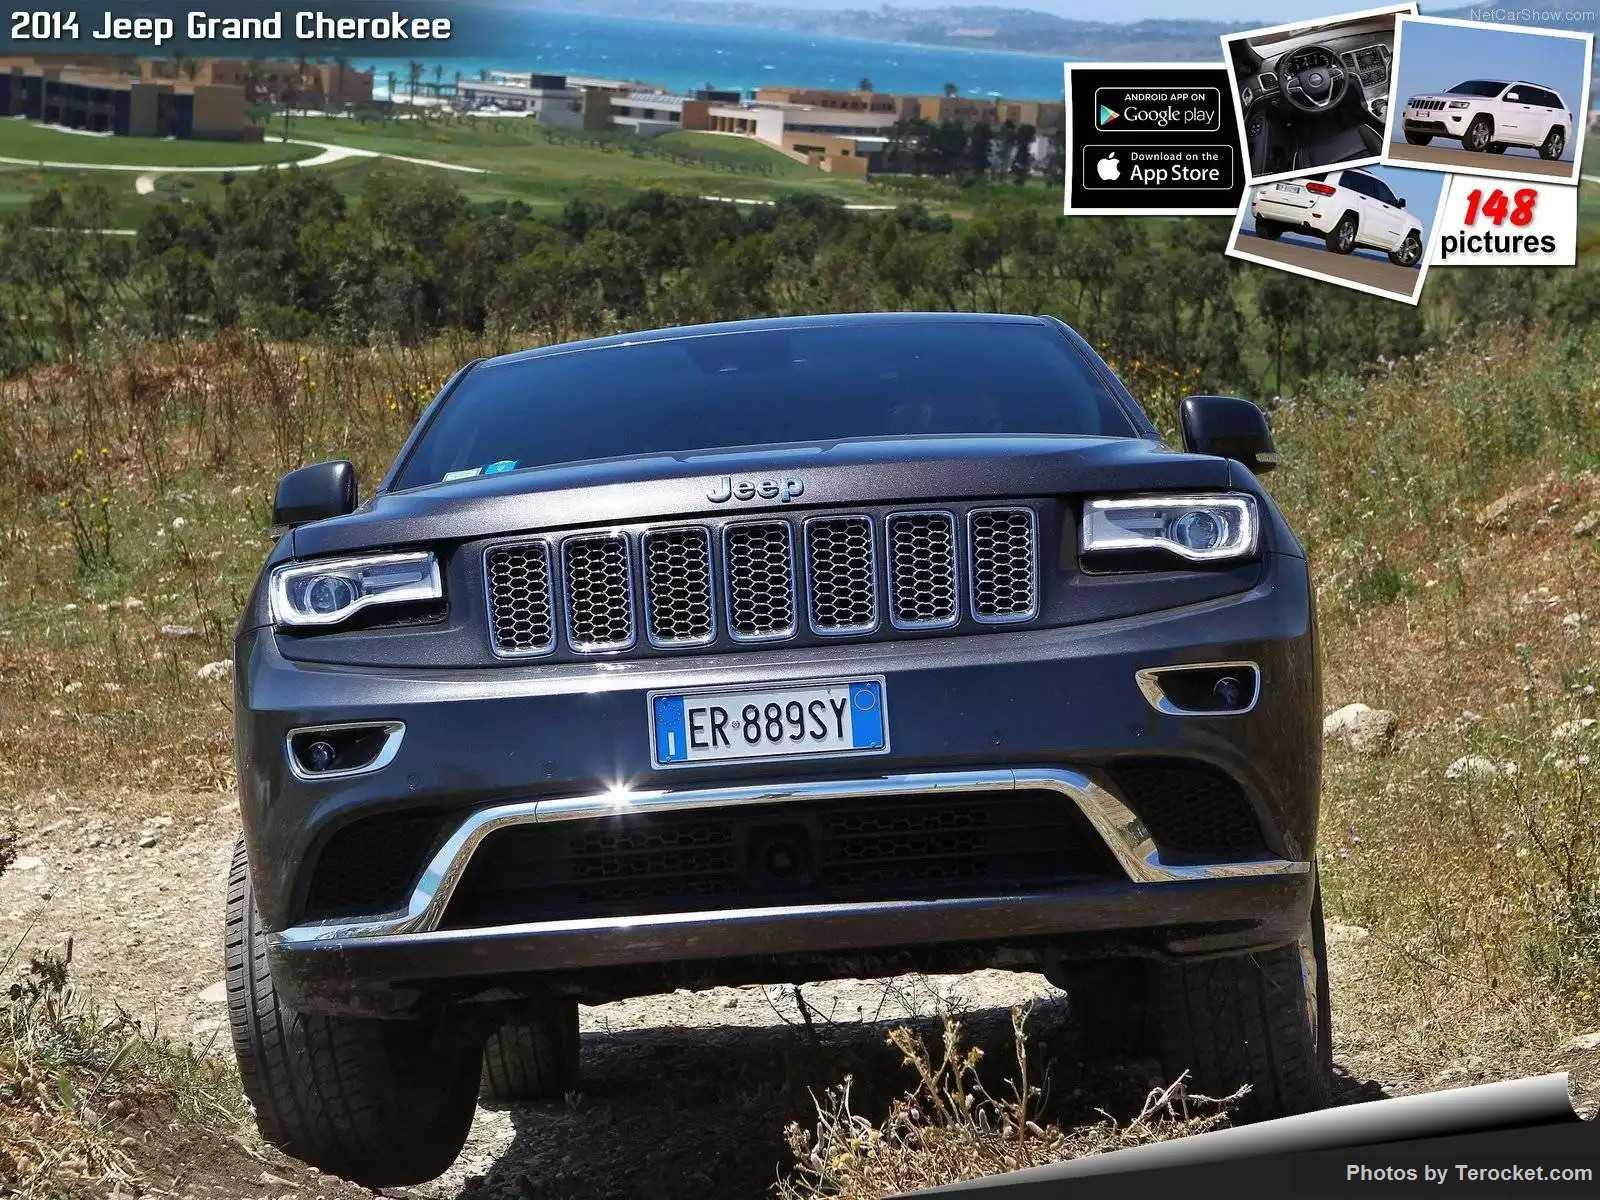 Hình ảnh xe ô tô Jeep Grand Cherokee EU-Version 2014 & nội ngoại thất